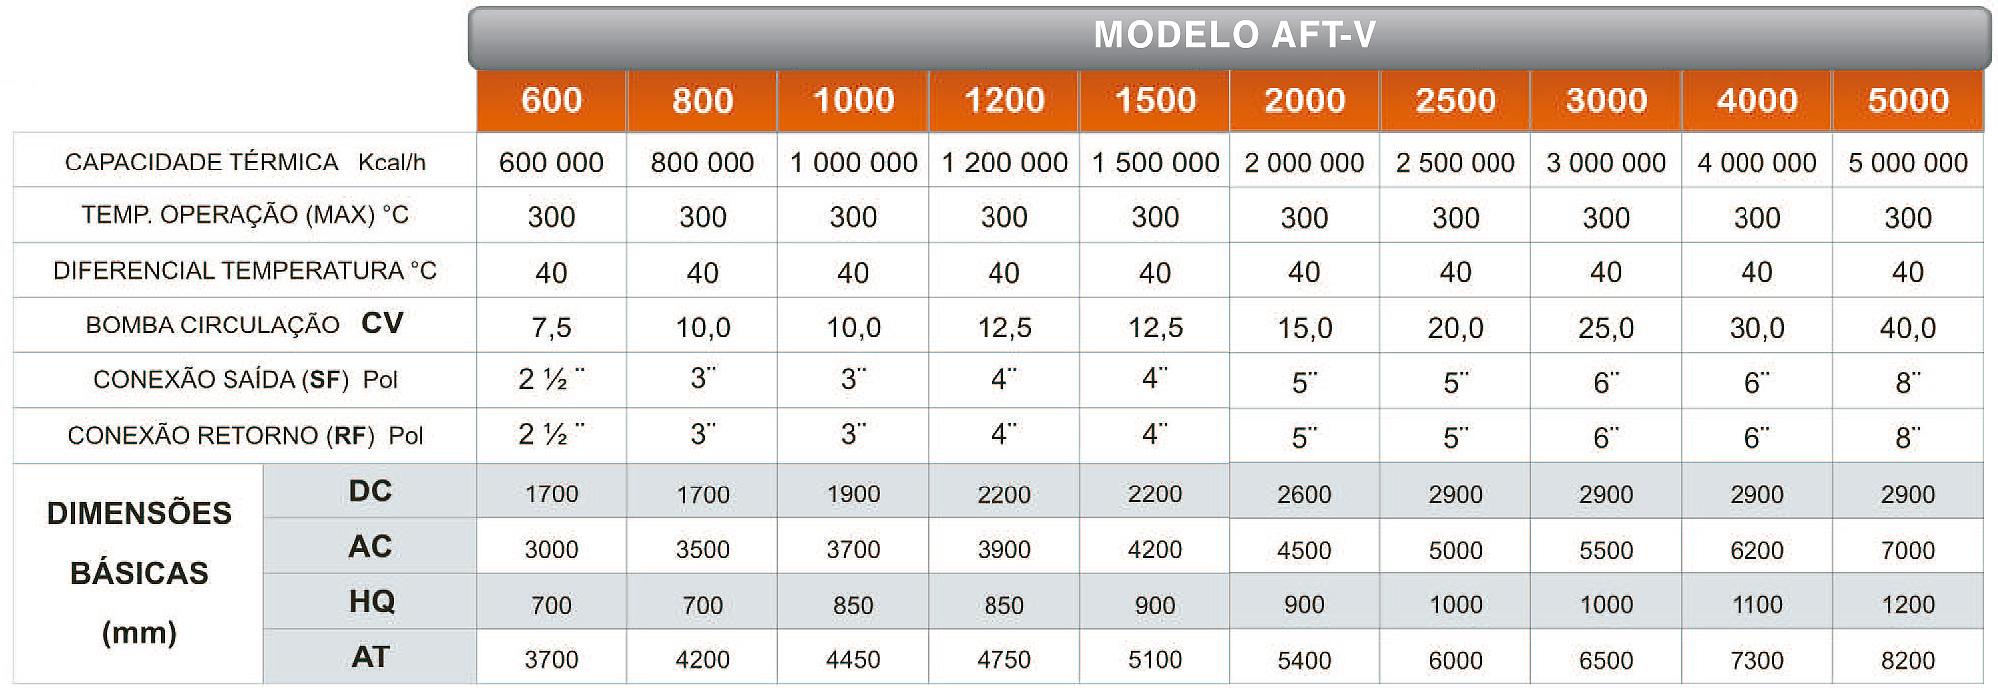 Dados Técnicos do Aquecedor de Fluído Térmico Vertical a Óleo e Gás AFT-V